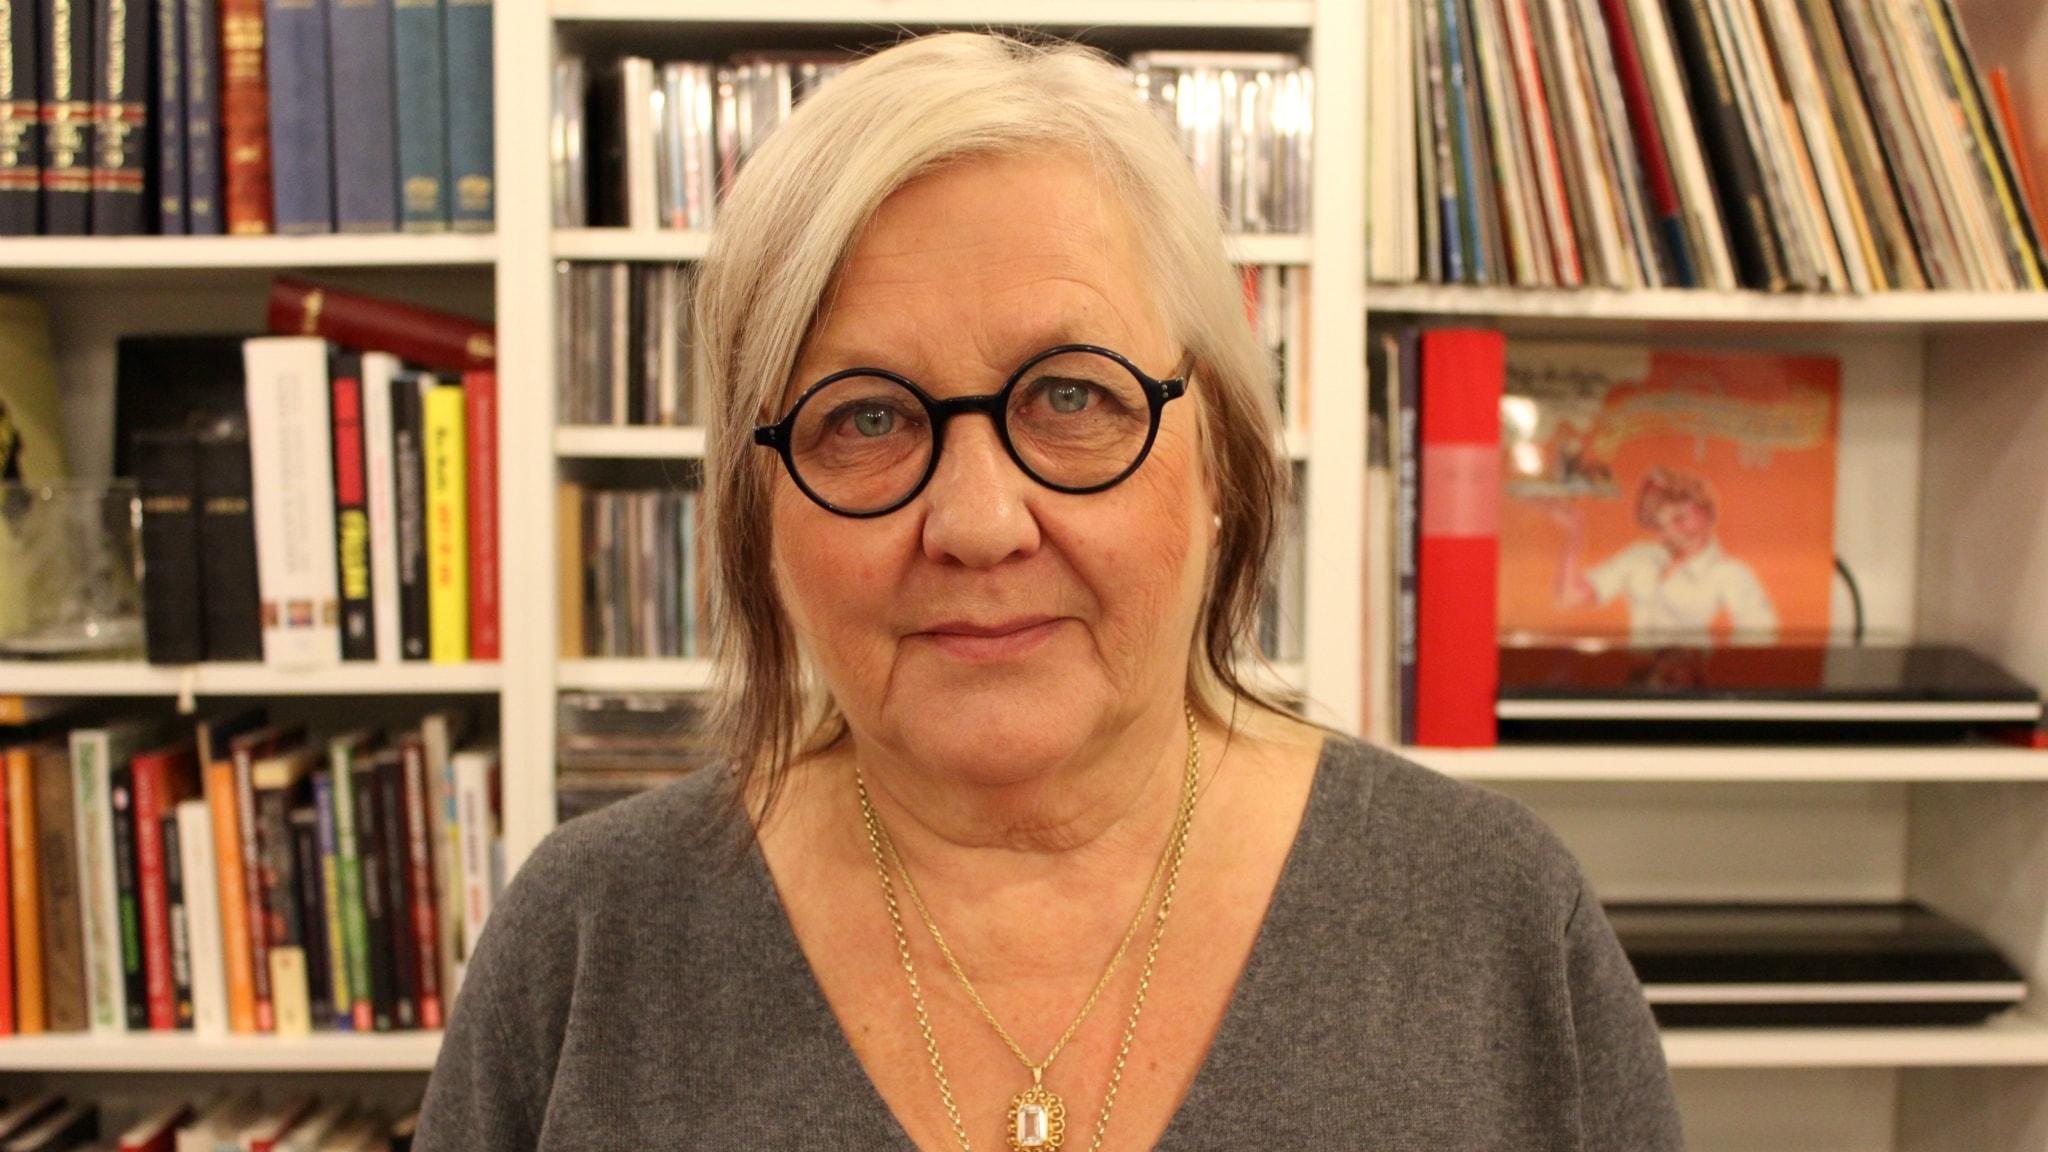 Kerstin Behrendtz: I 47 år har det varit roligt att gå till jobbet - varje dag